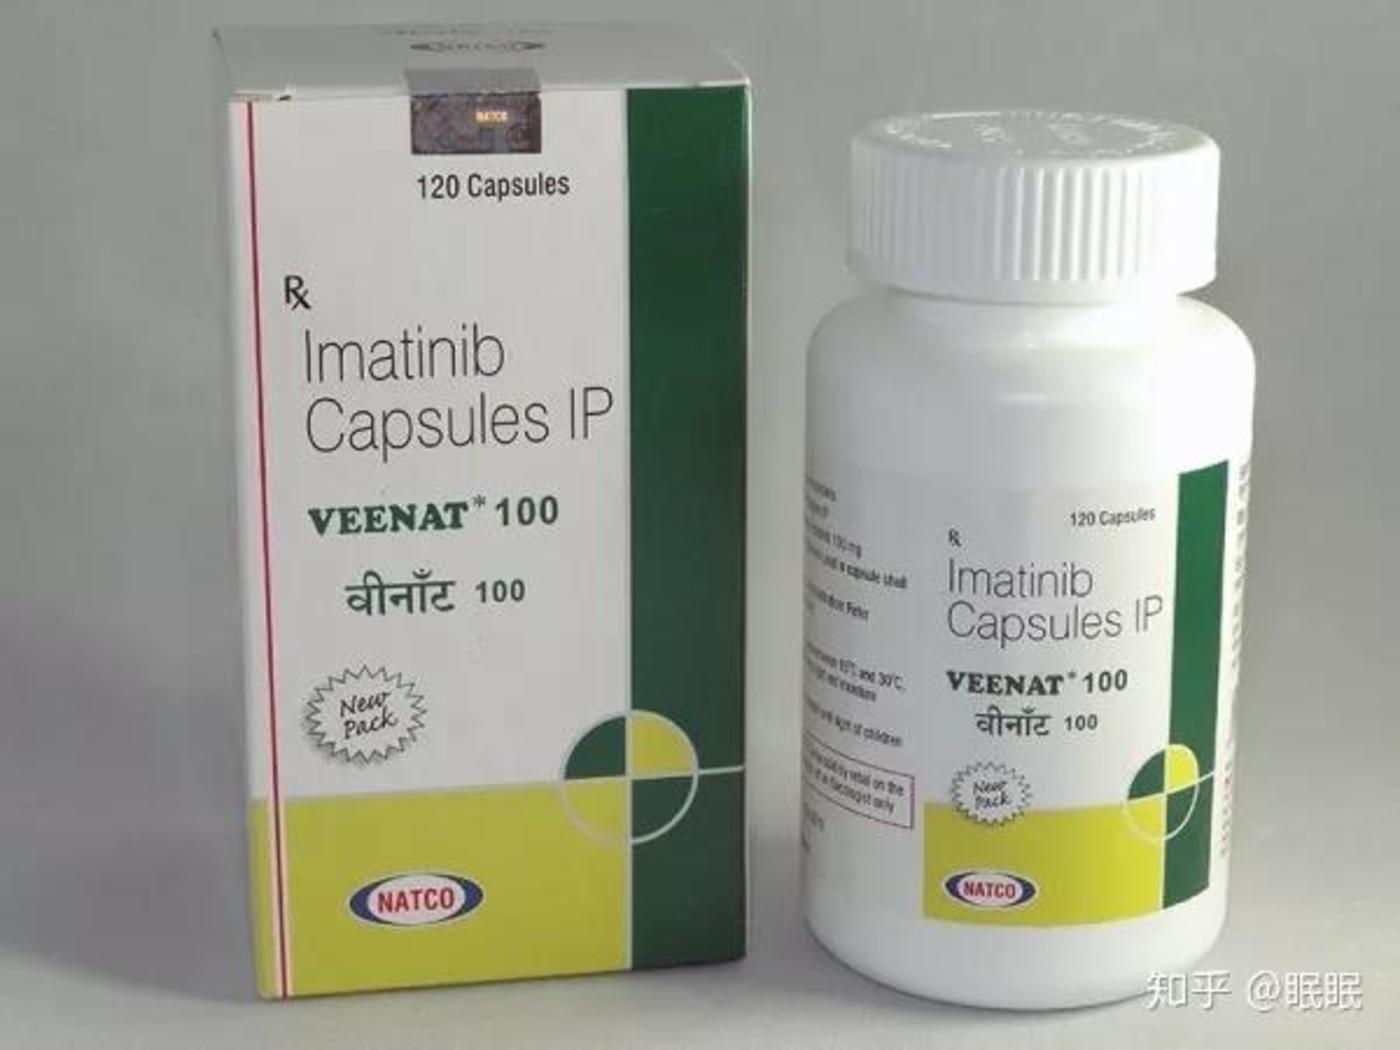 印度版格列卫:Veenat